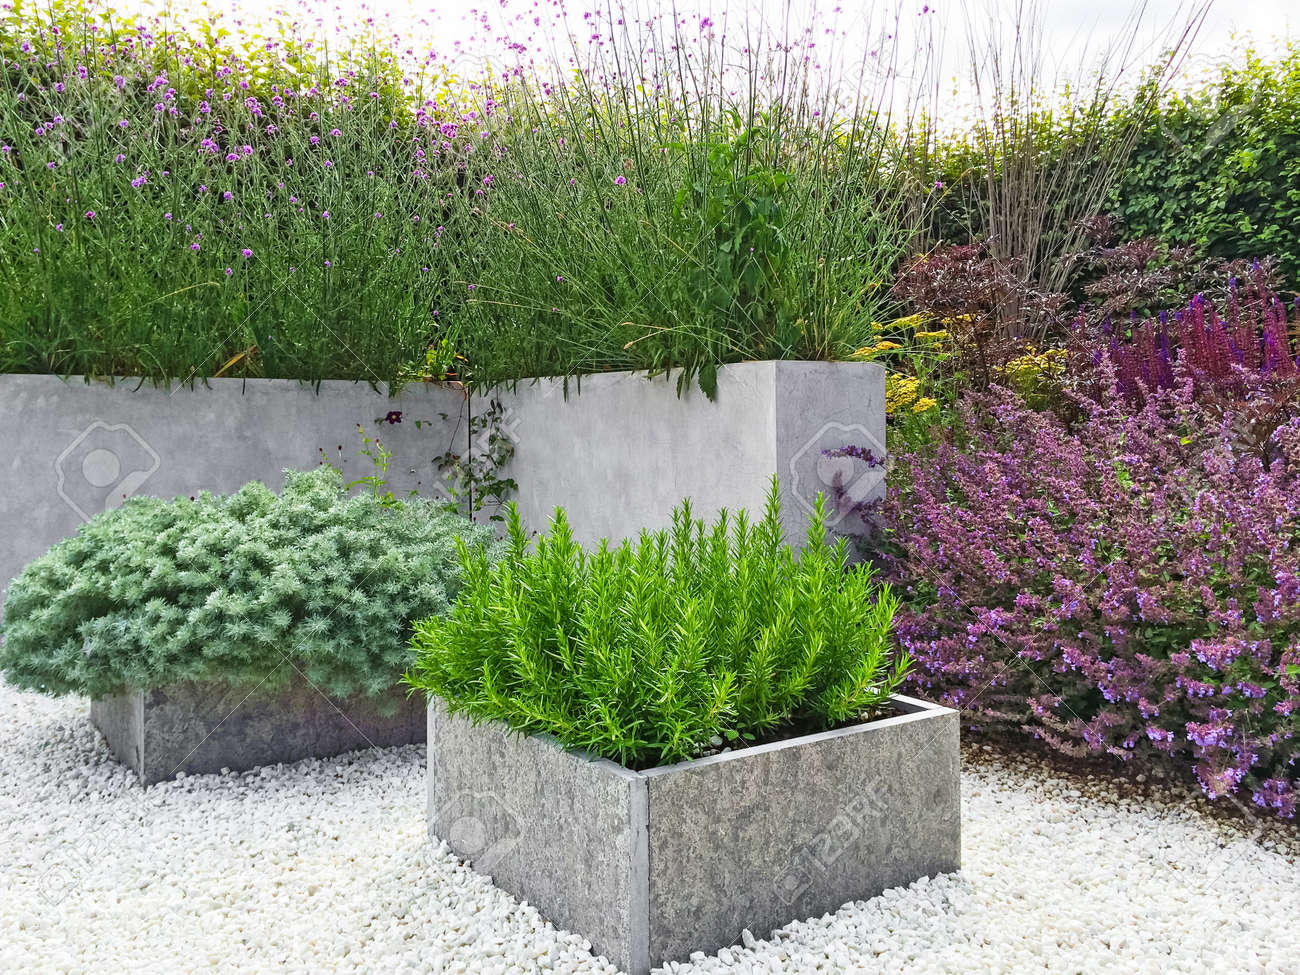 Beau jardin avec des plantes en fleurs, le béton et les détails de pierre.  Design contemporain.